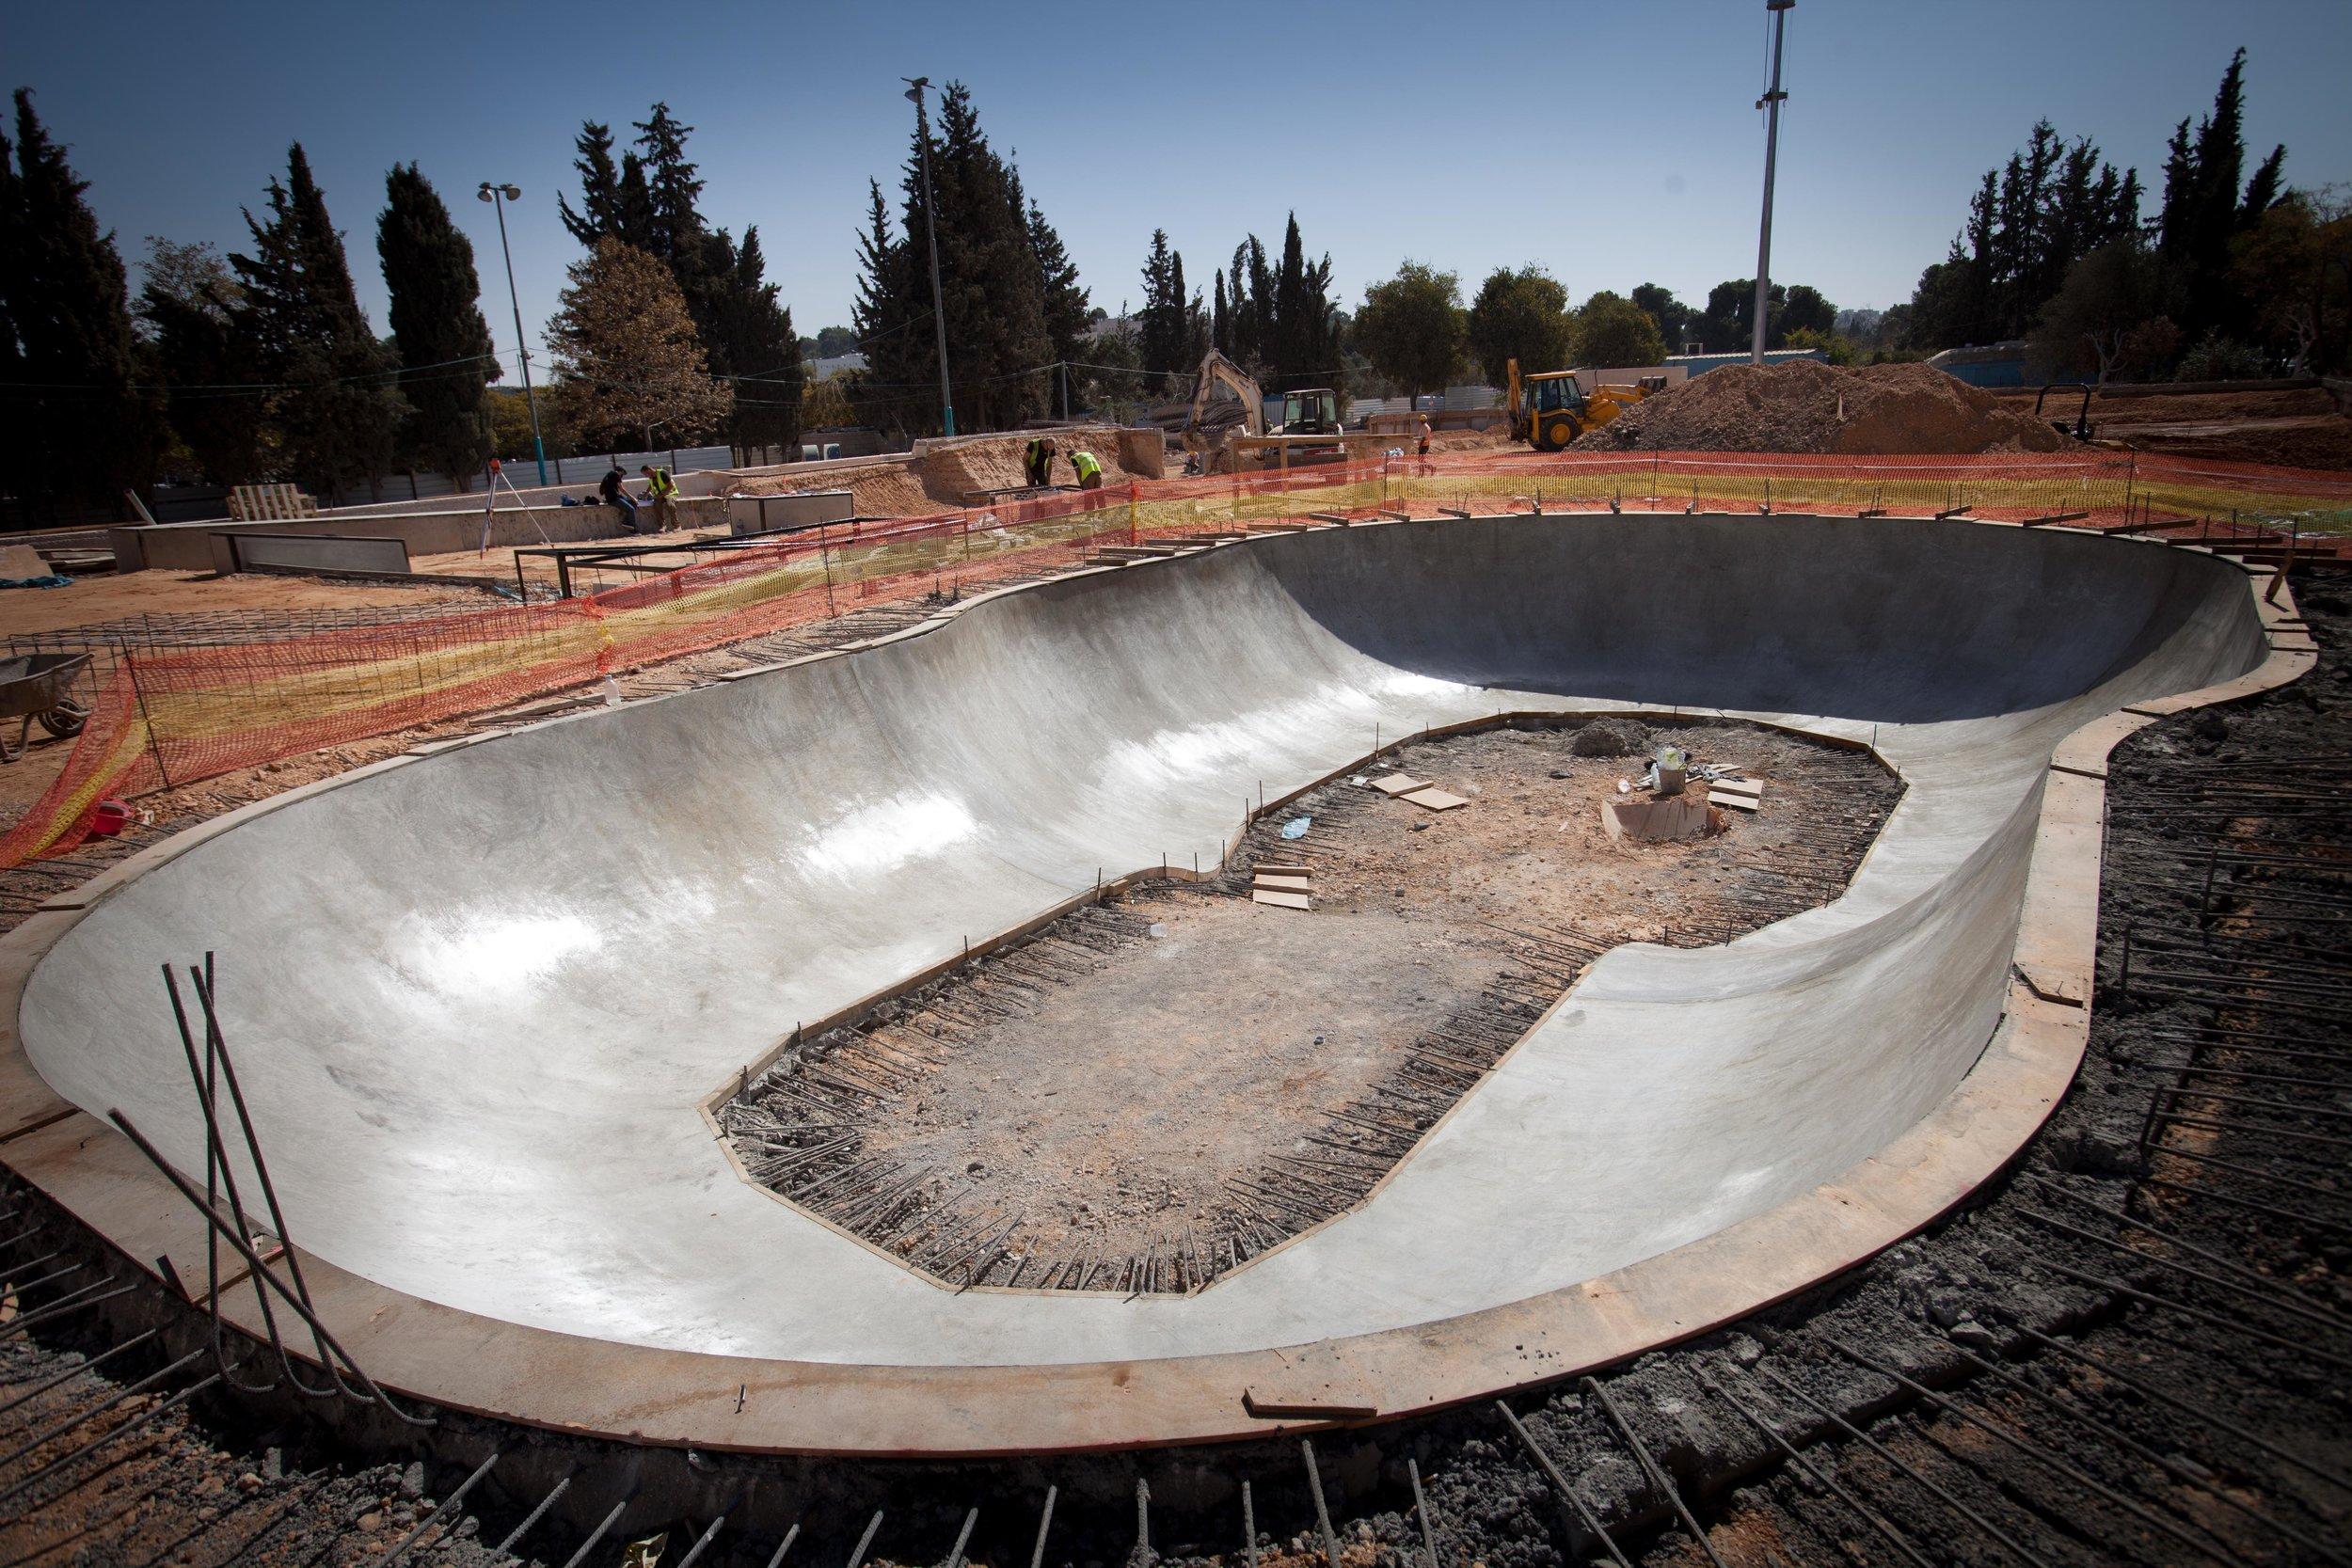 noamrf-skatepark 11.jpg